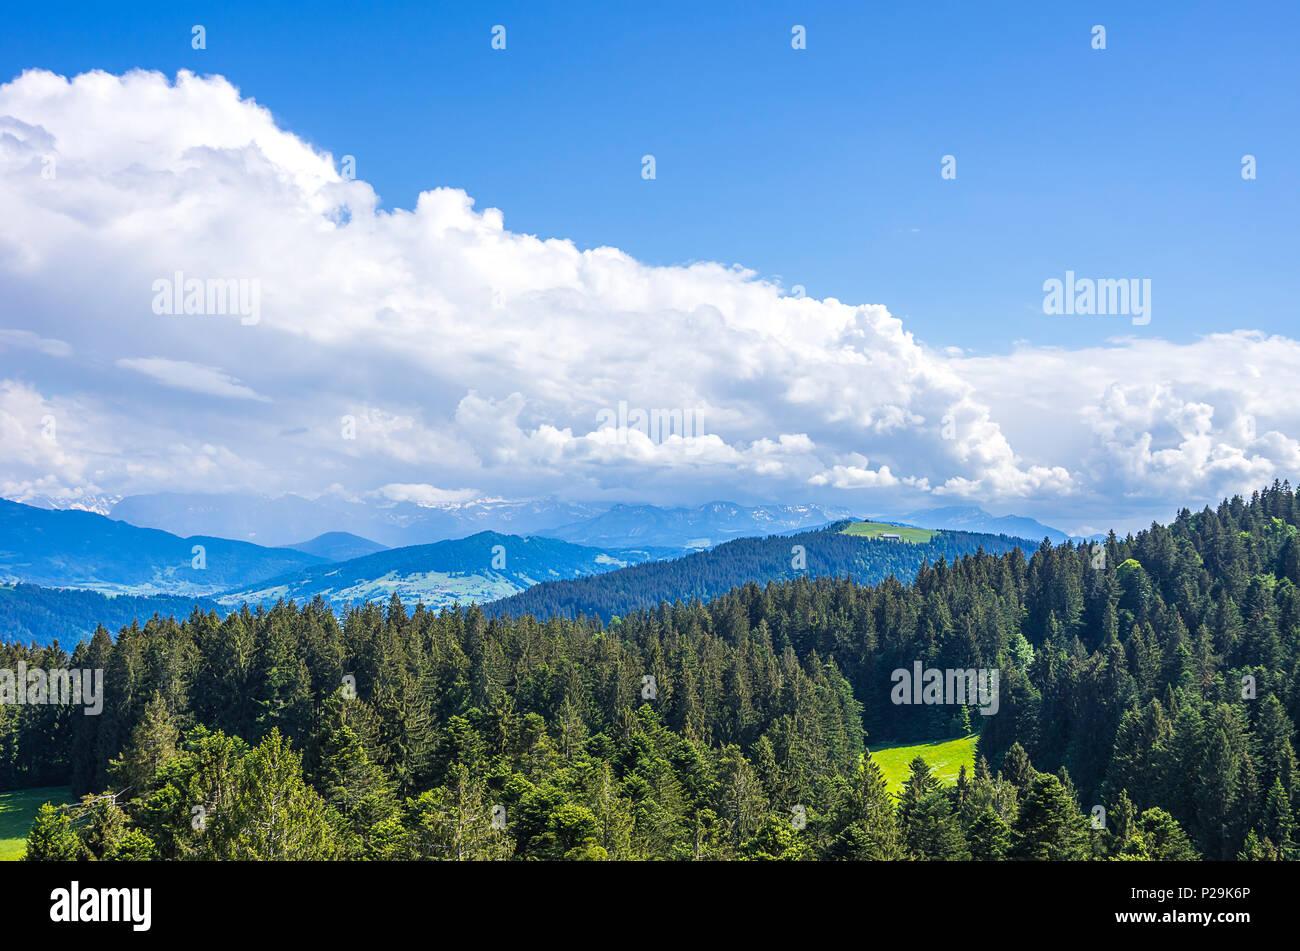 Ländlichen Raum und Landschaft im Westallgau Region rund um den Ort der Scheidegg in der Nähe von Lindau, Bayern, Deutschland. Stockbild